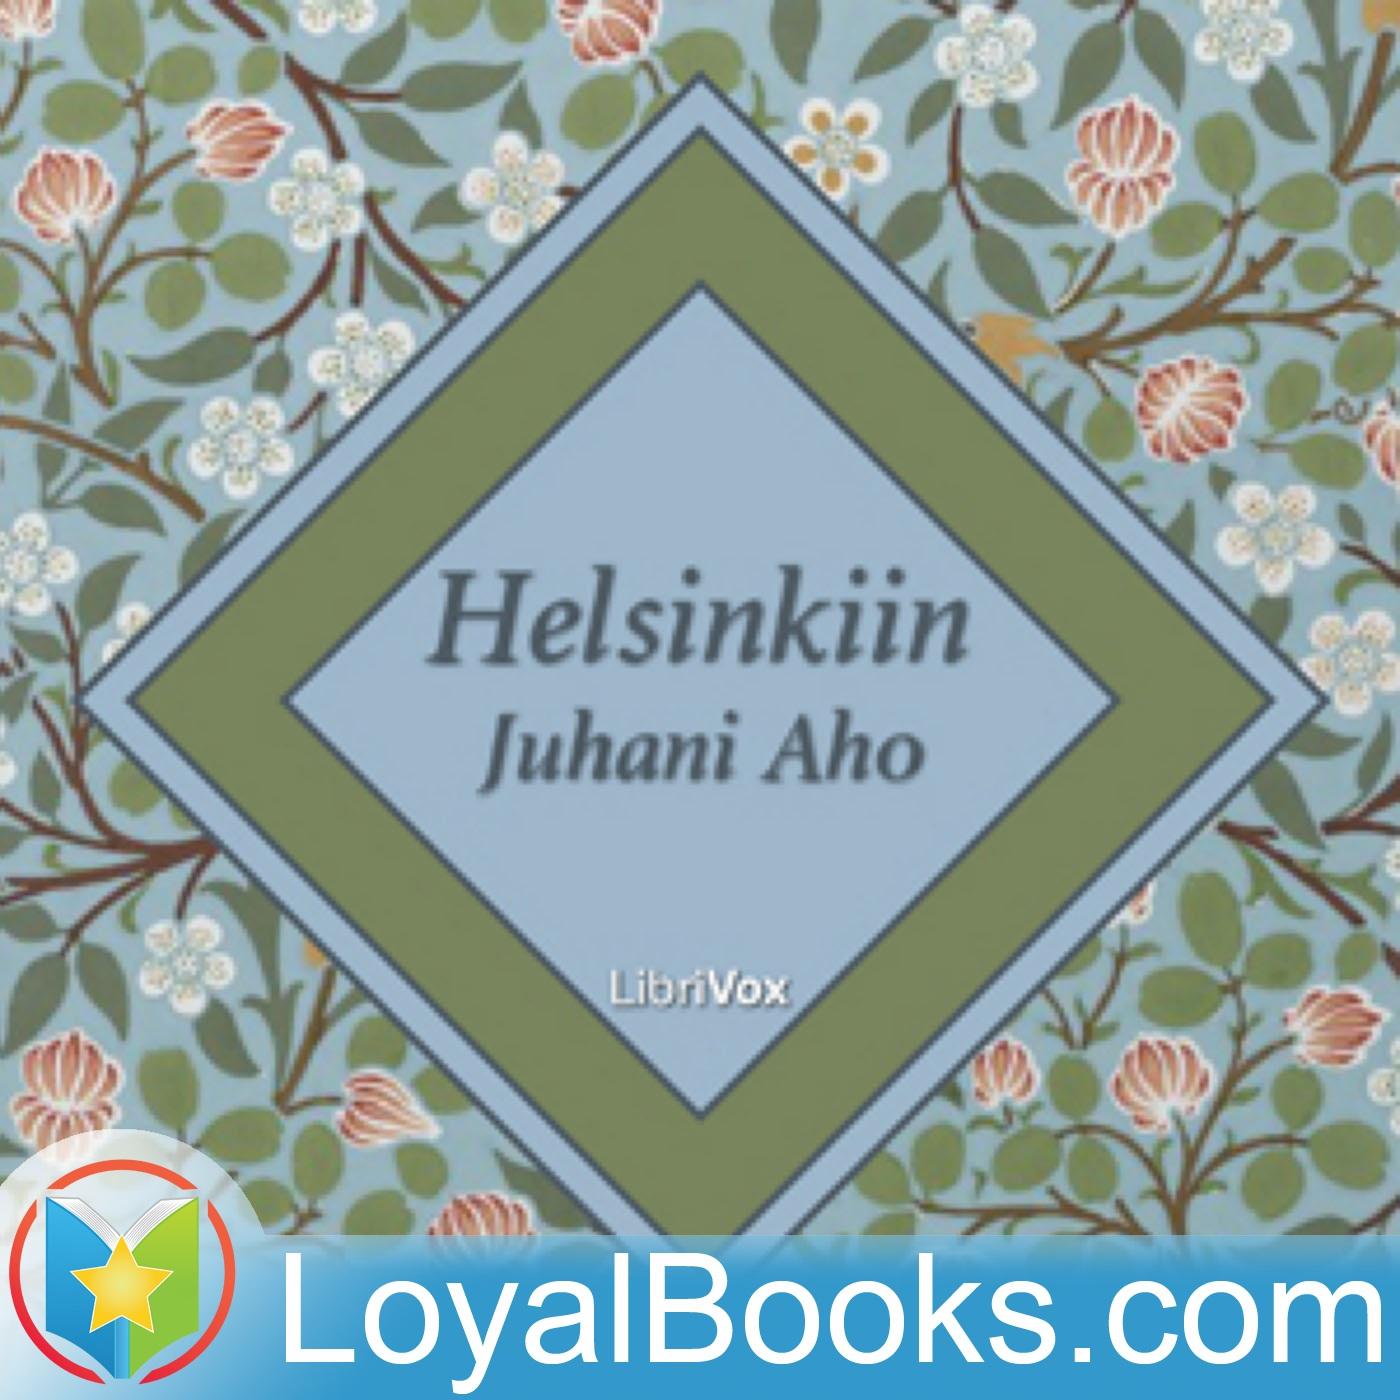 <![CDATA[Helsinkiin by Juhani Aho]]>